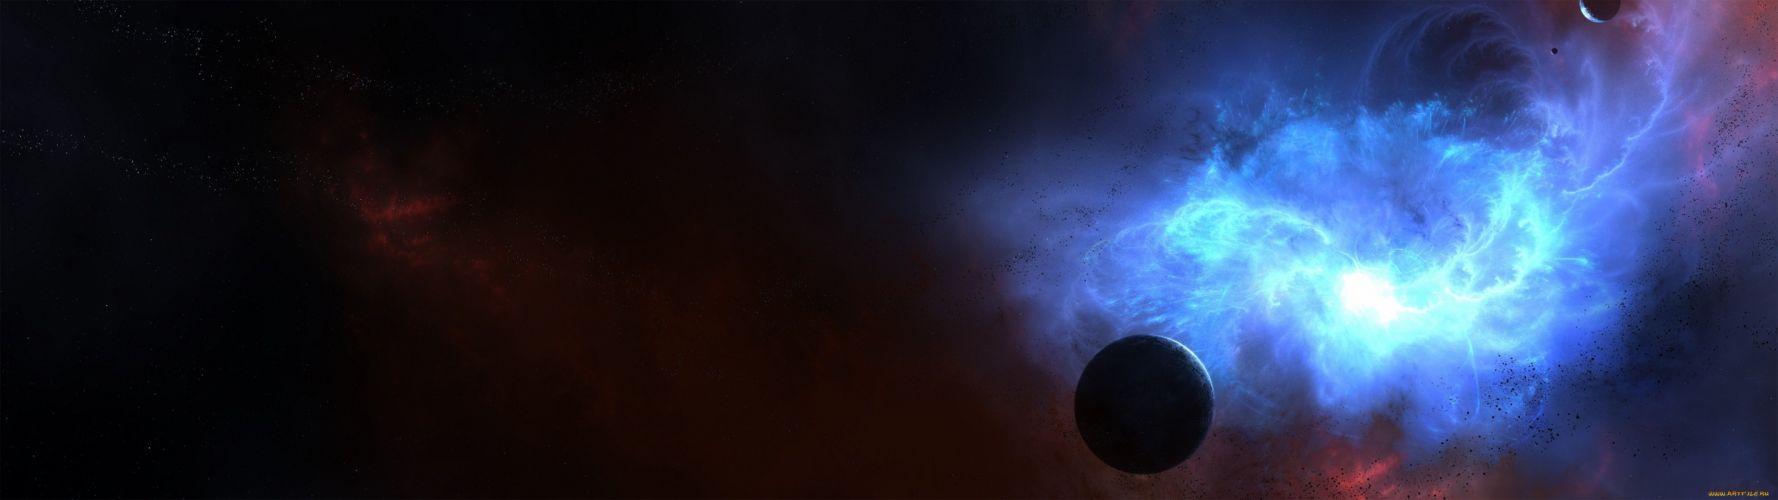 sppace planetsstars blue datk wallpaper